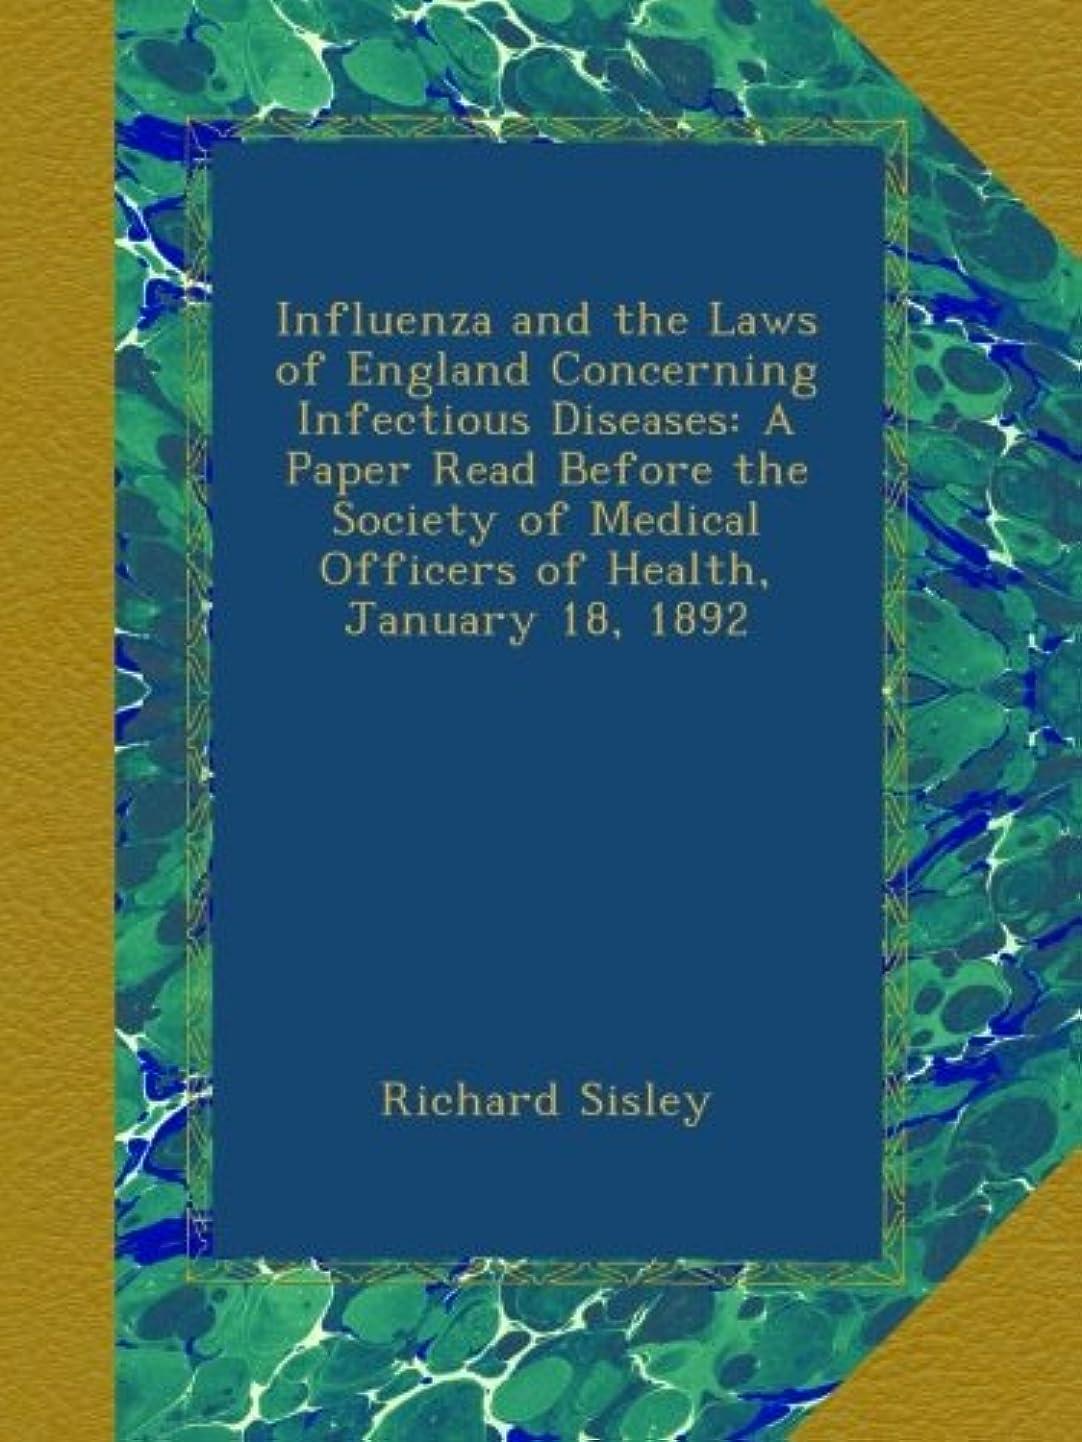 膨らませる懸念ただやるInfluenza and the Laws of England Concerning Infectious Diseases: A Paper Read Before the Society of Medical Officers of Health, January 18, 1892